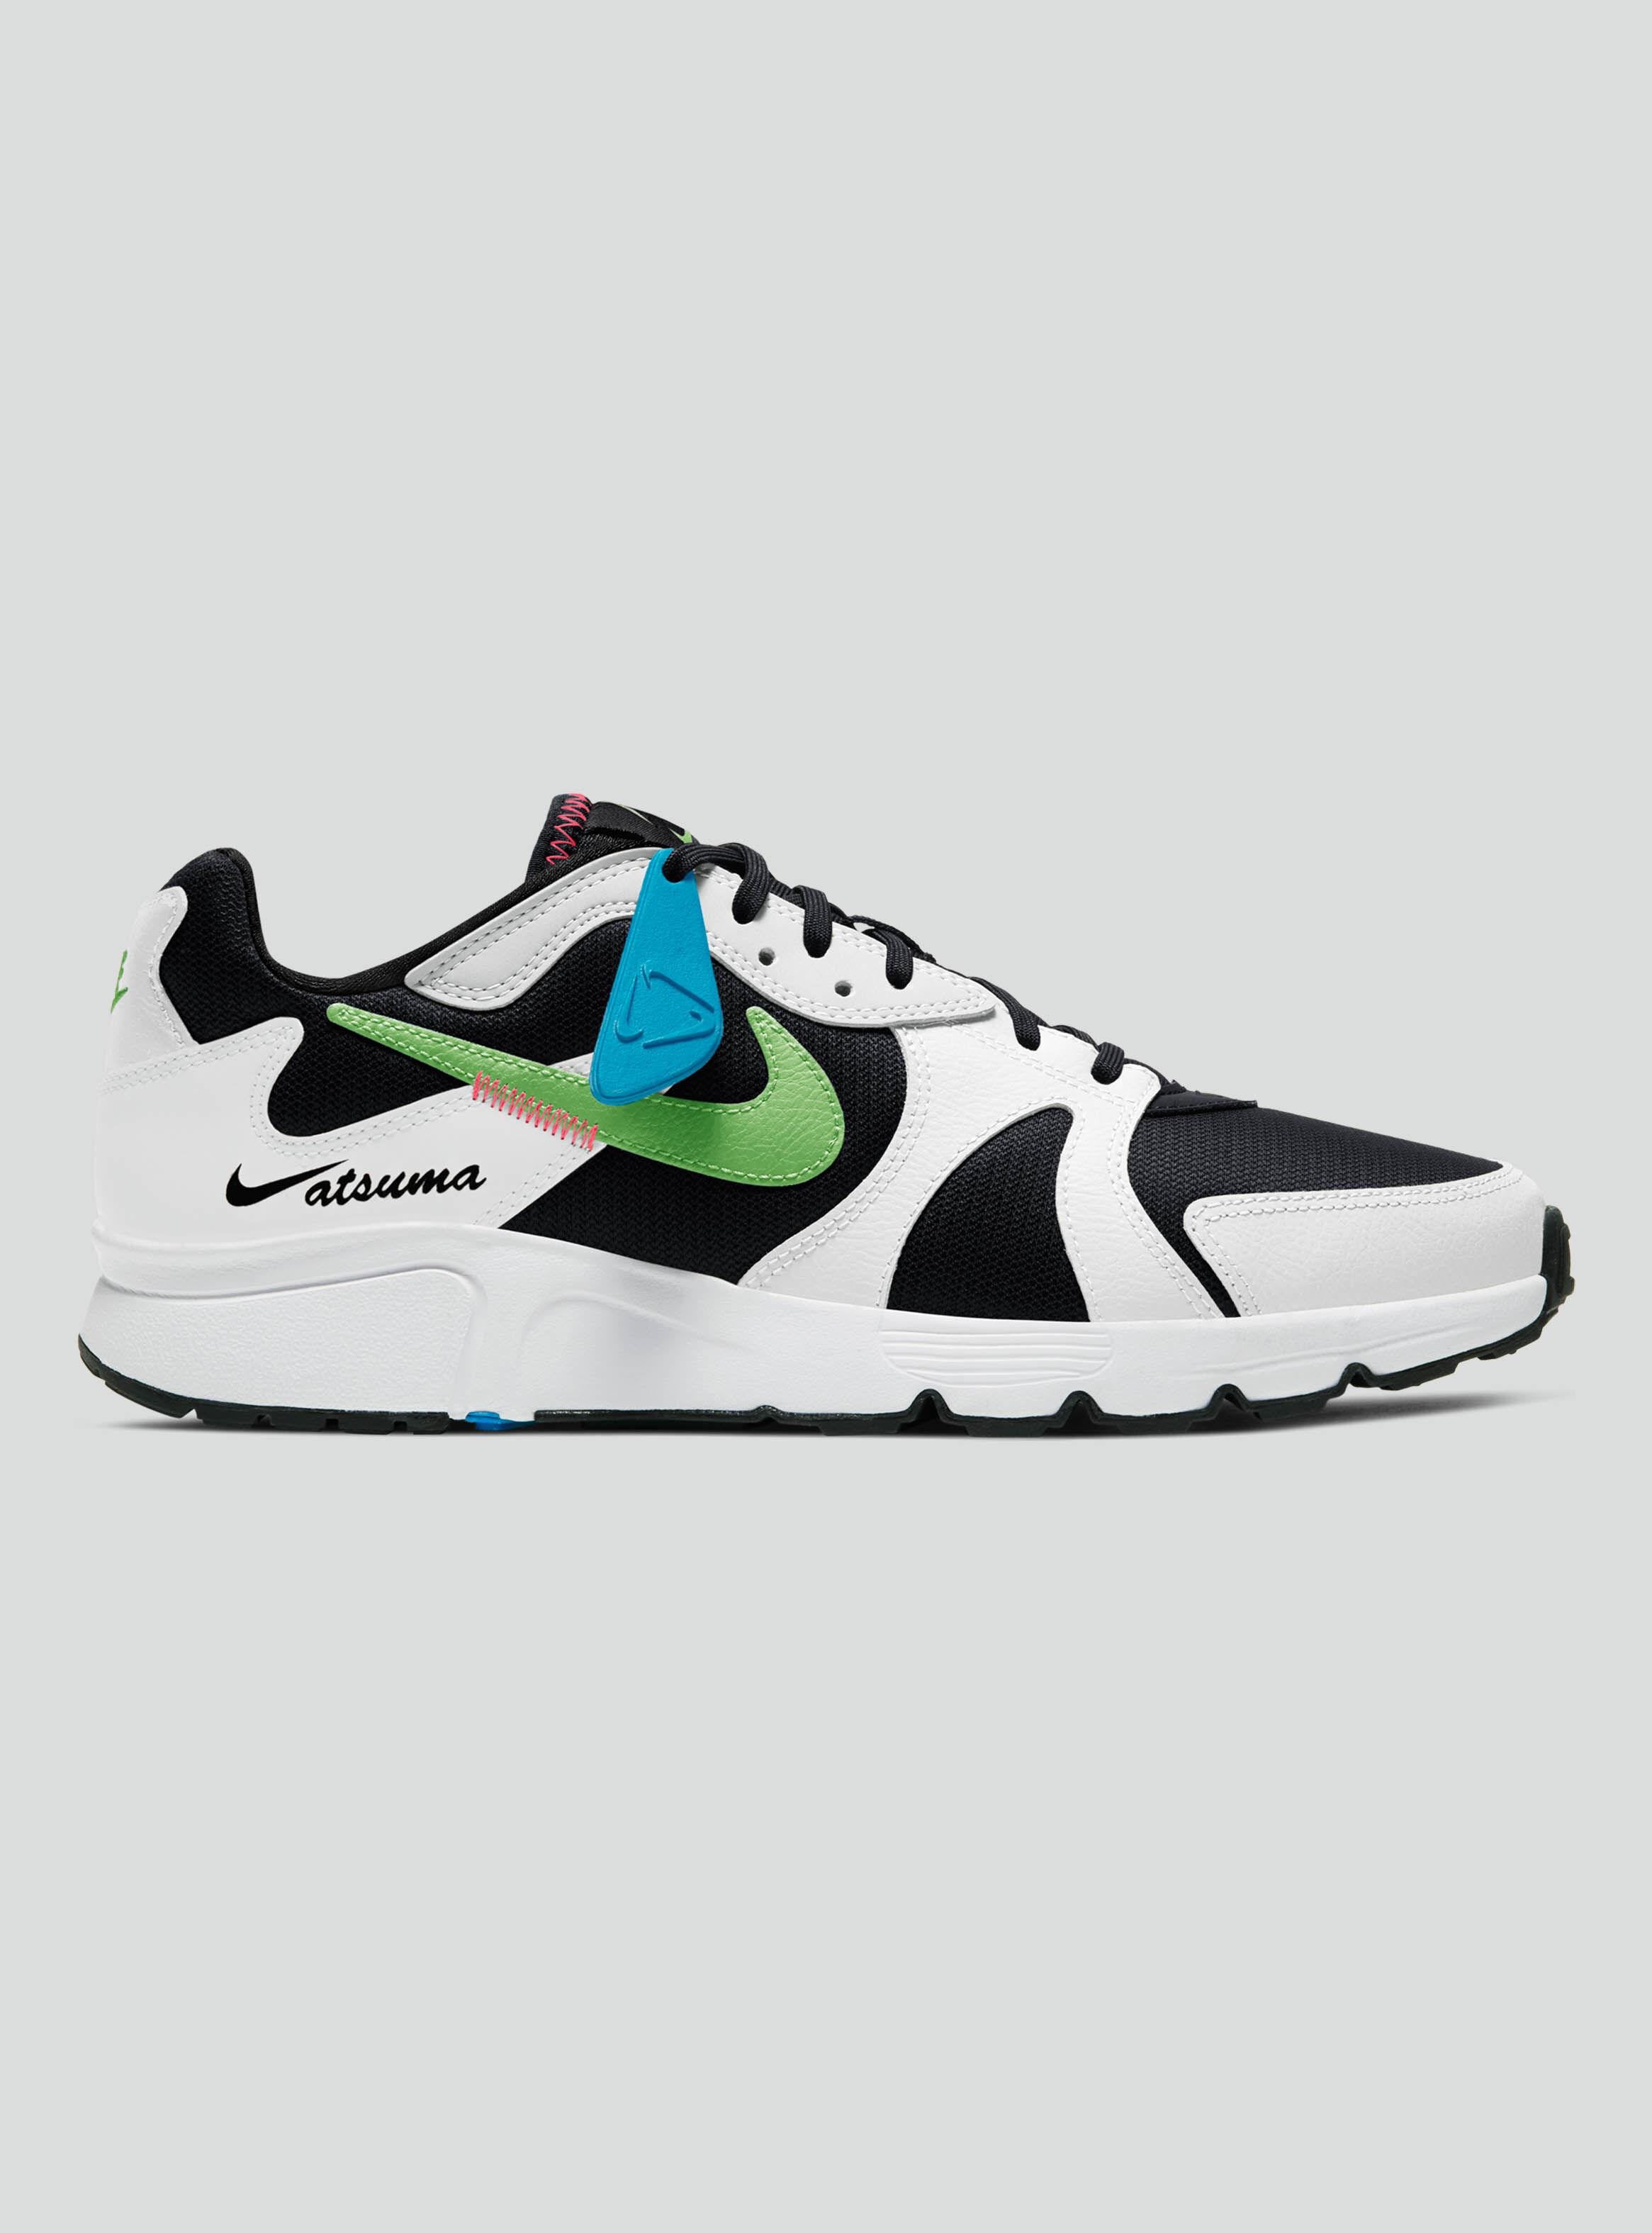 Zapatilla Urbana Nike Atsuma Blanca Hombre